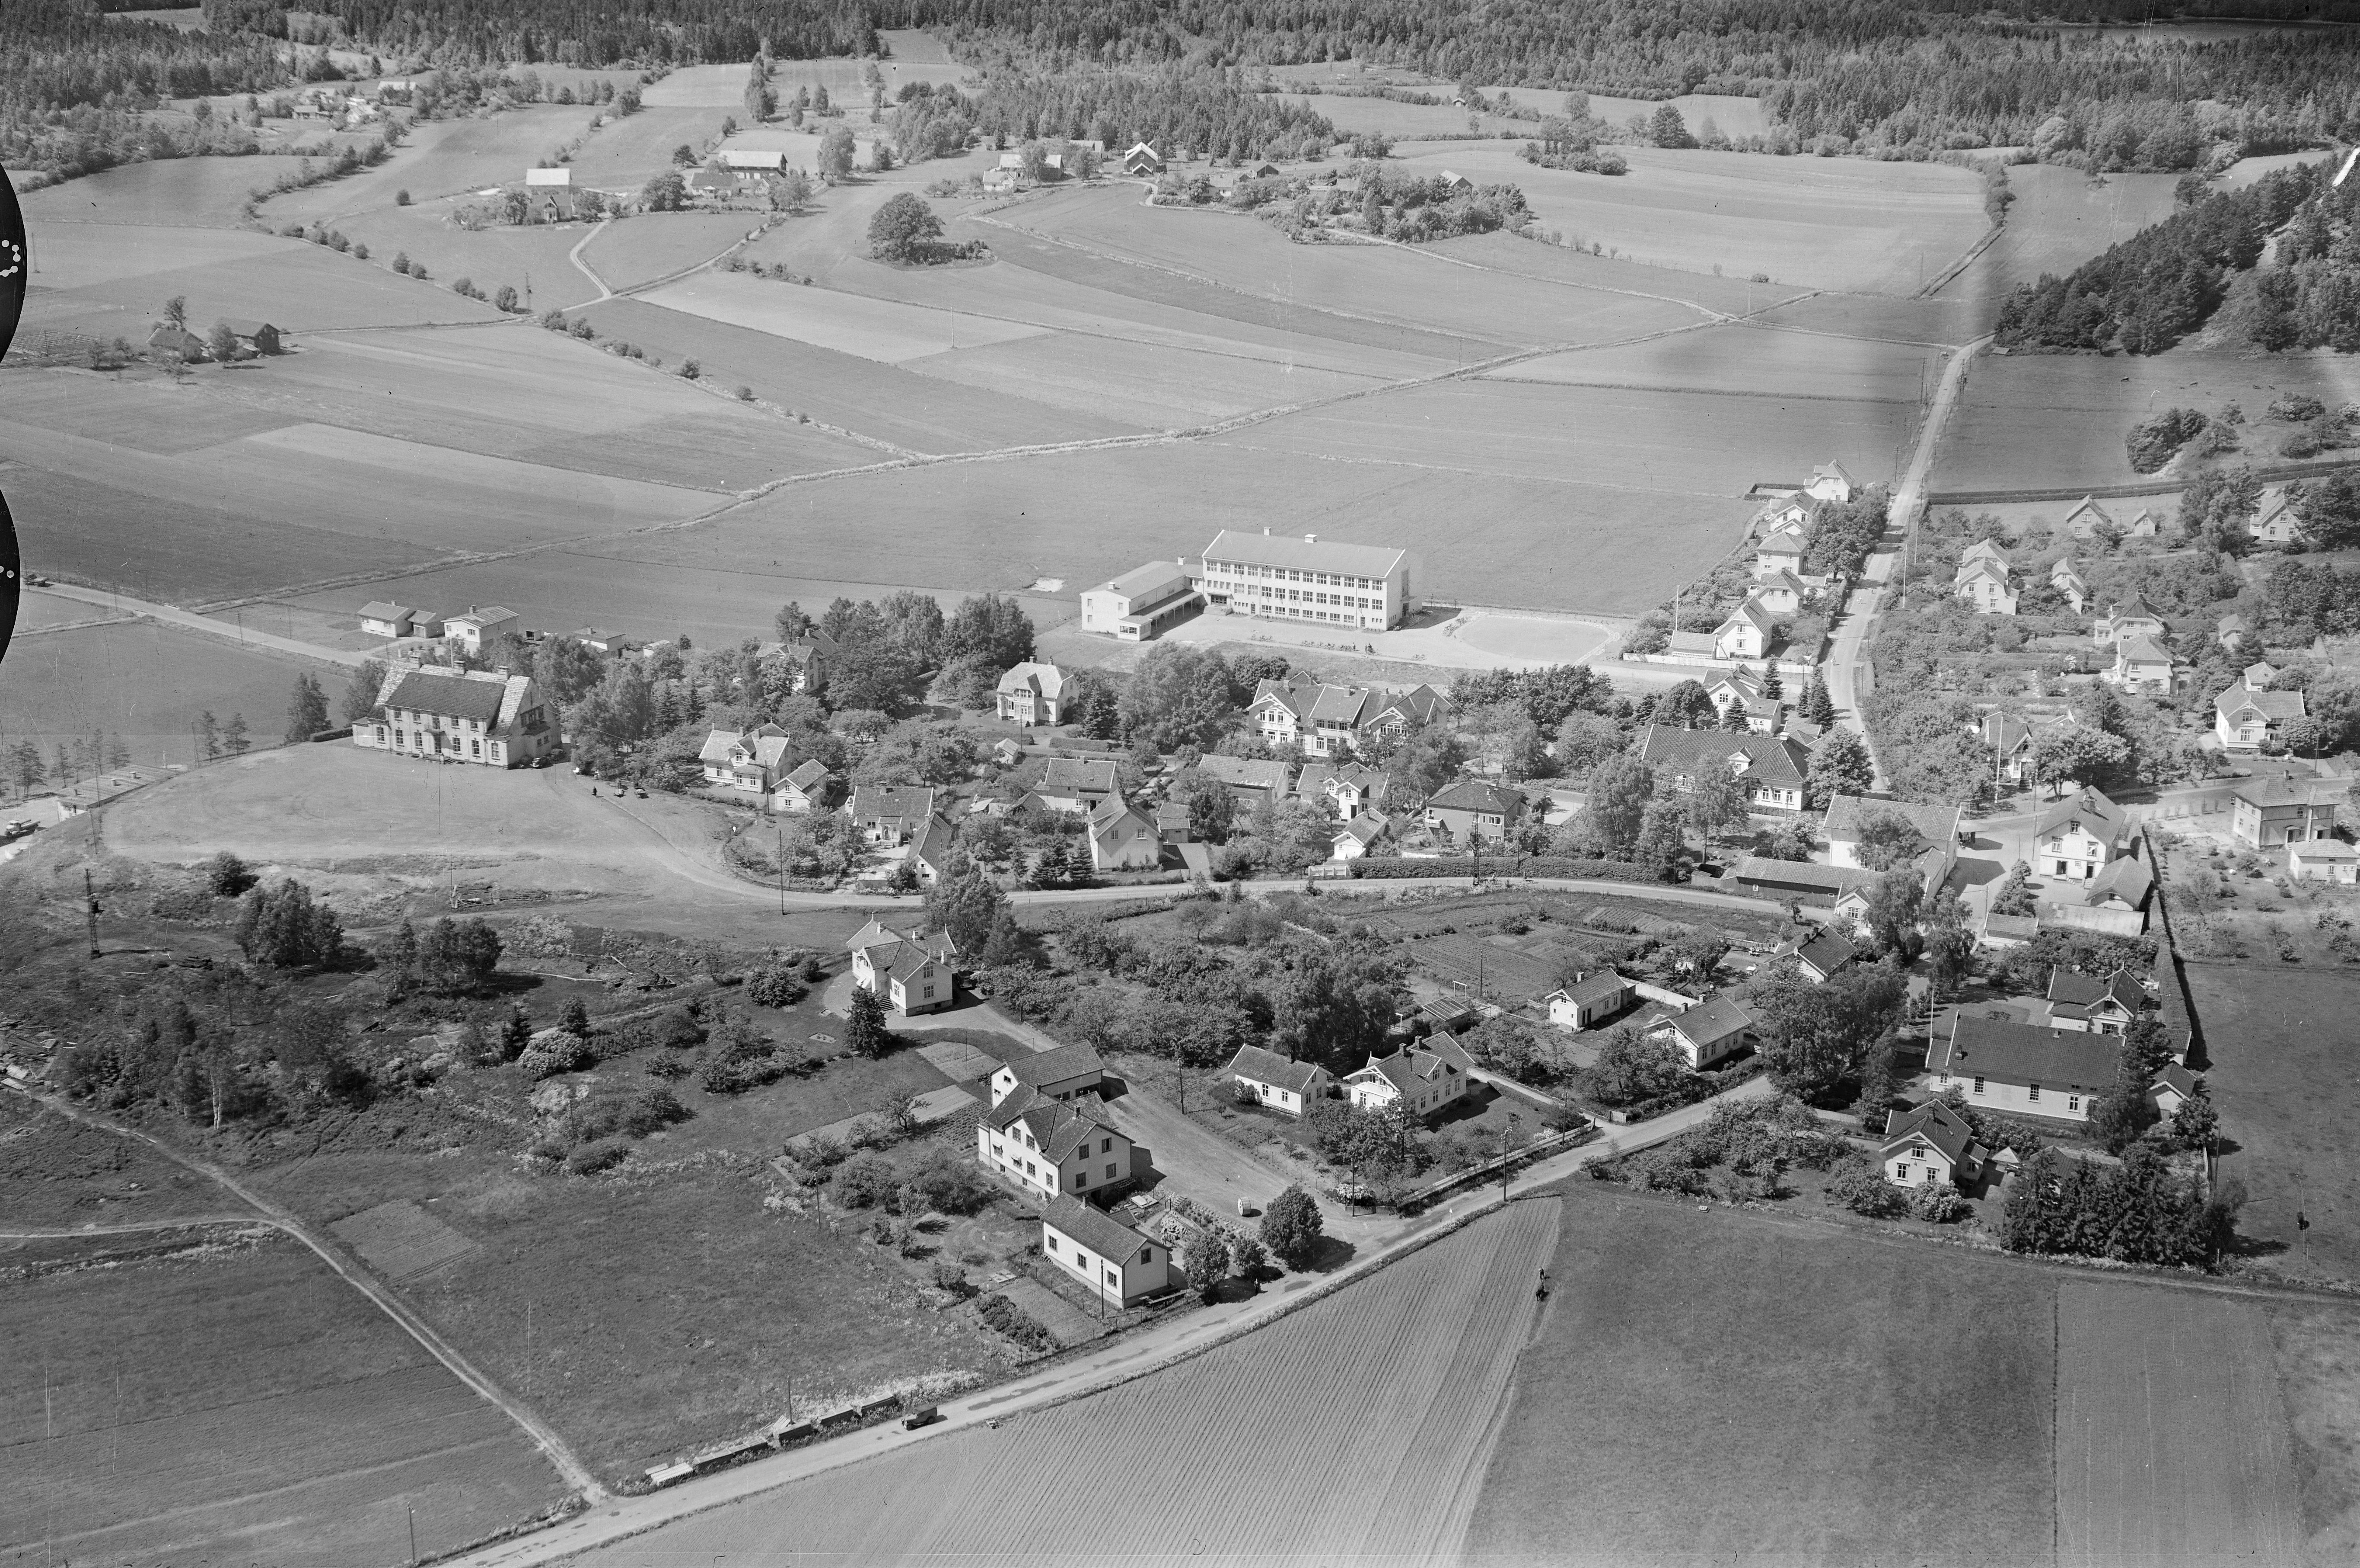 871c48d3 Borgheim ungdomsskole - Wikiwand